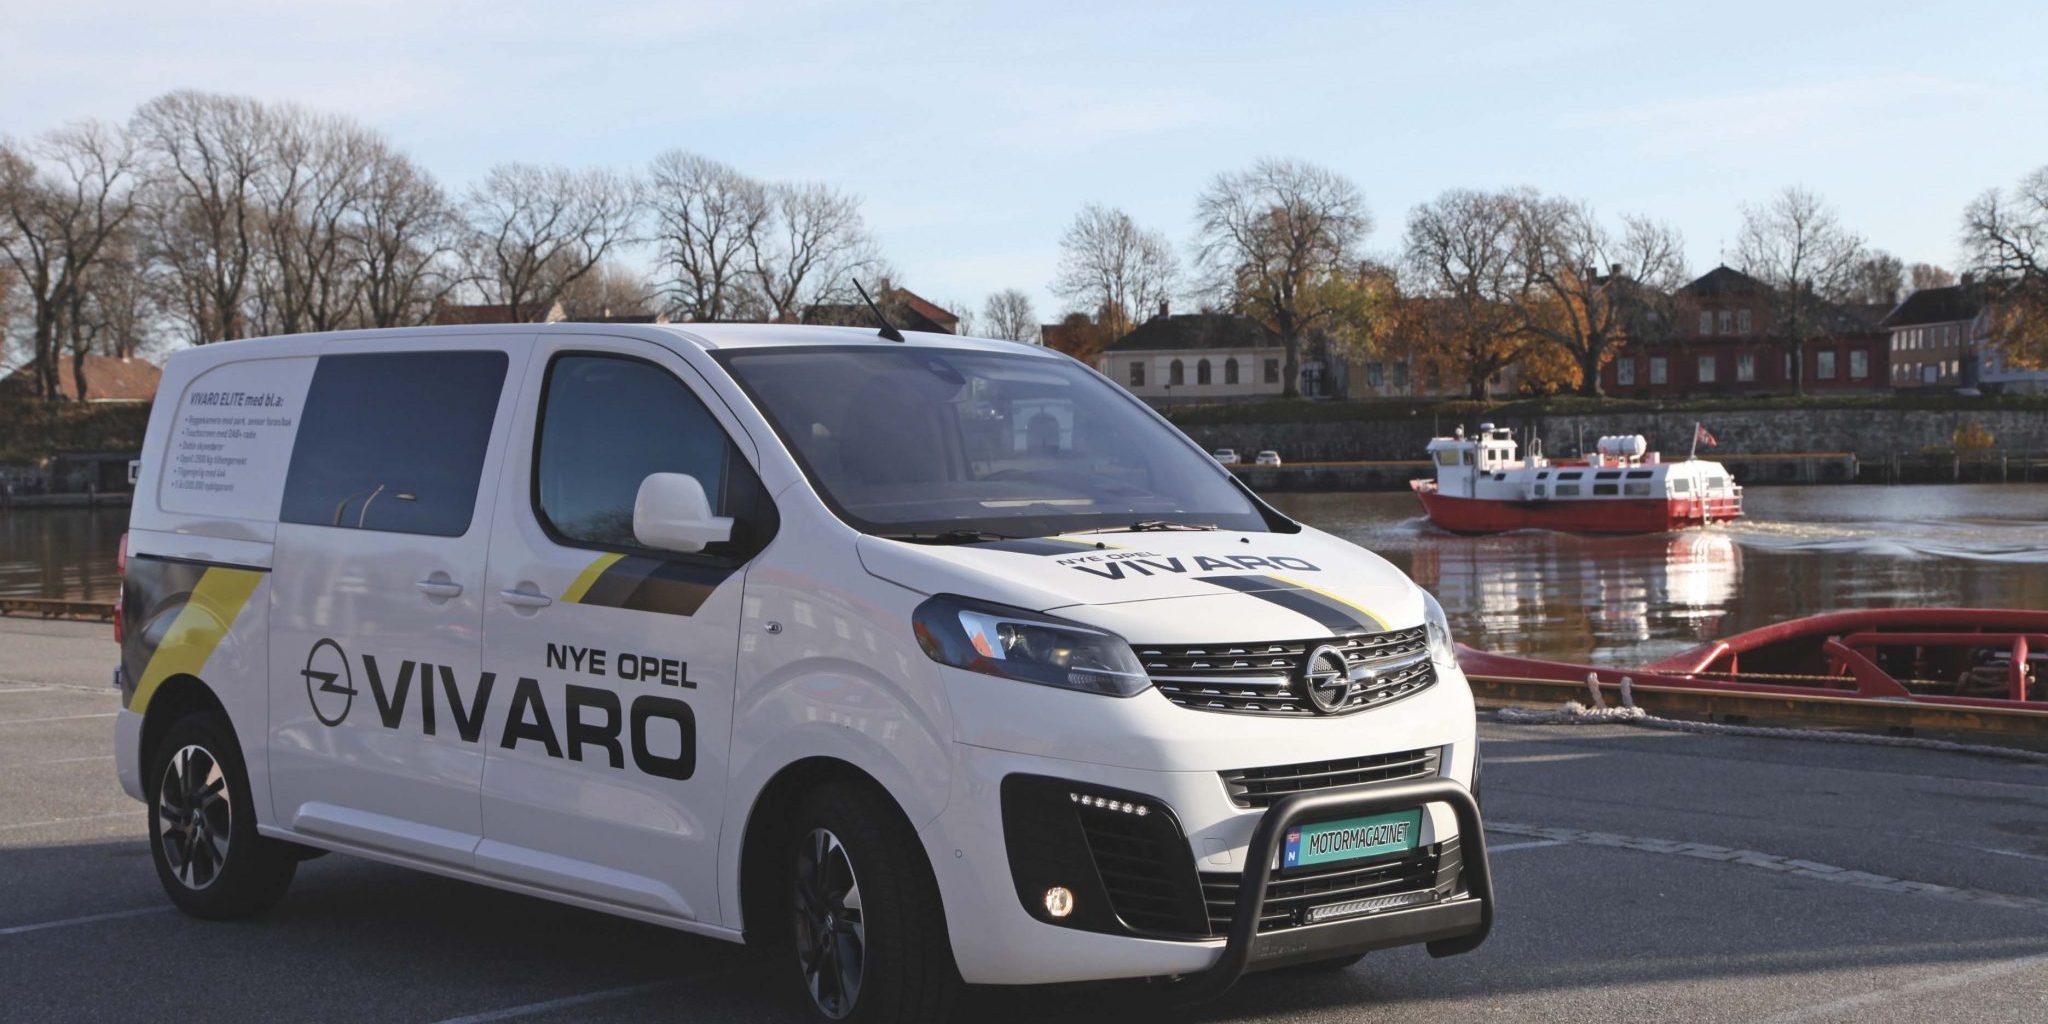 Opel Vivaro Tilgjengelig I Tre Storrelser